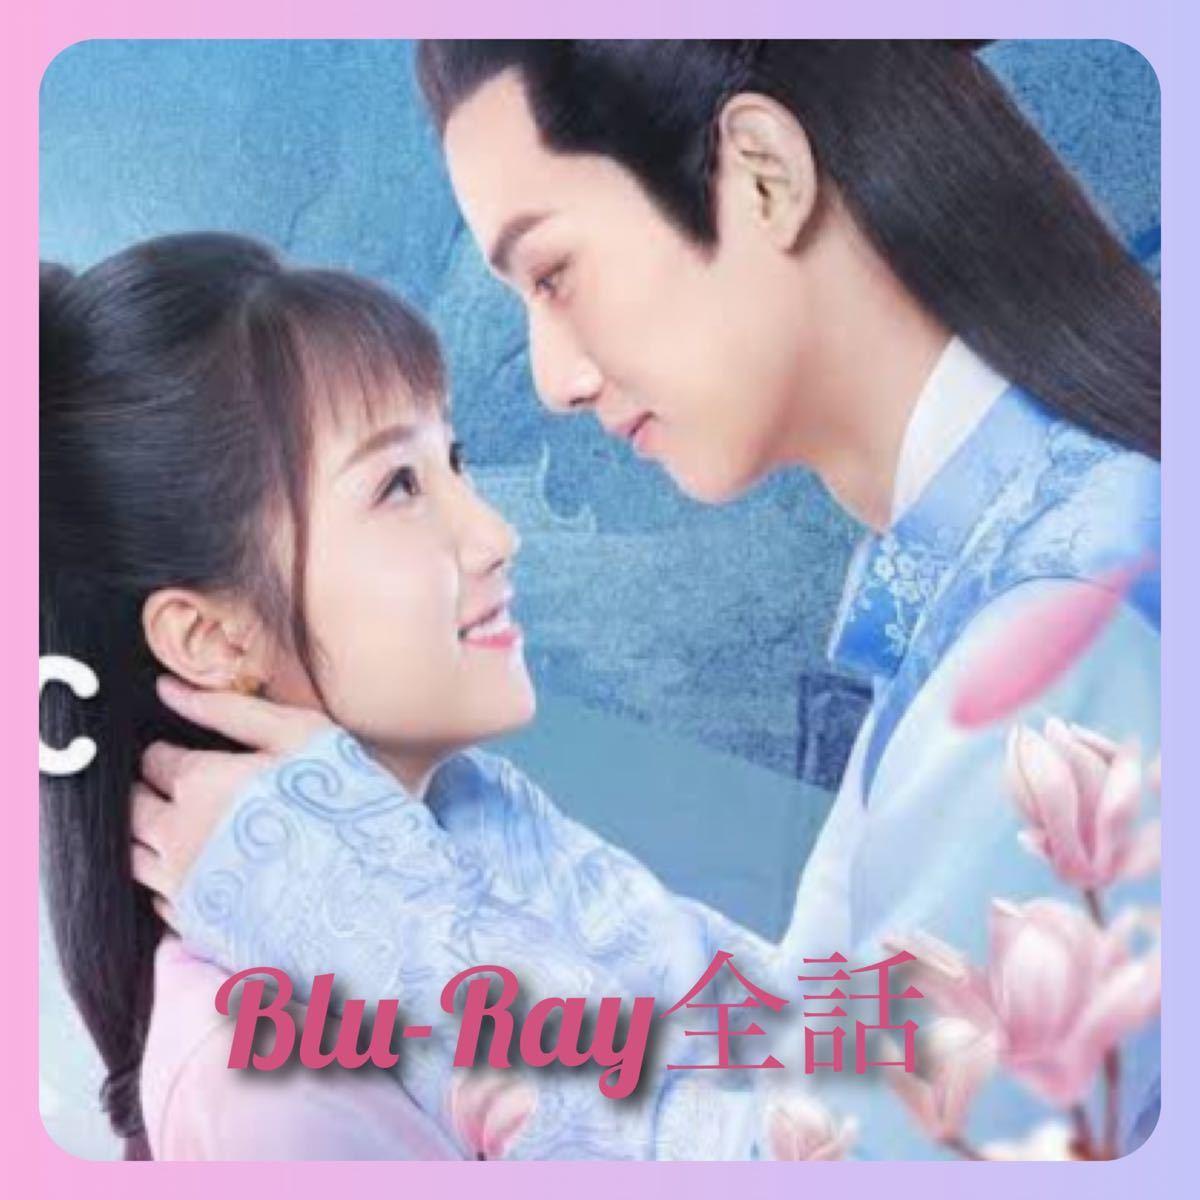 中国ドラマ お坊ちゃんと私のロマンス Blu-Ray全話